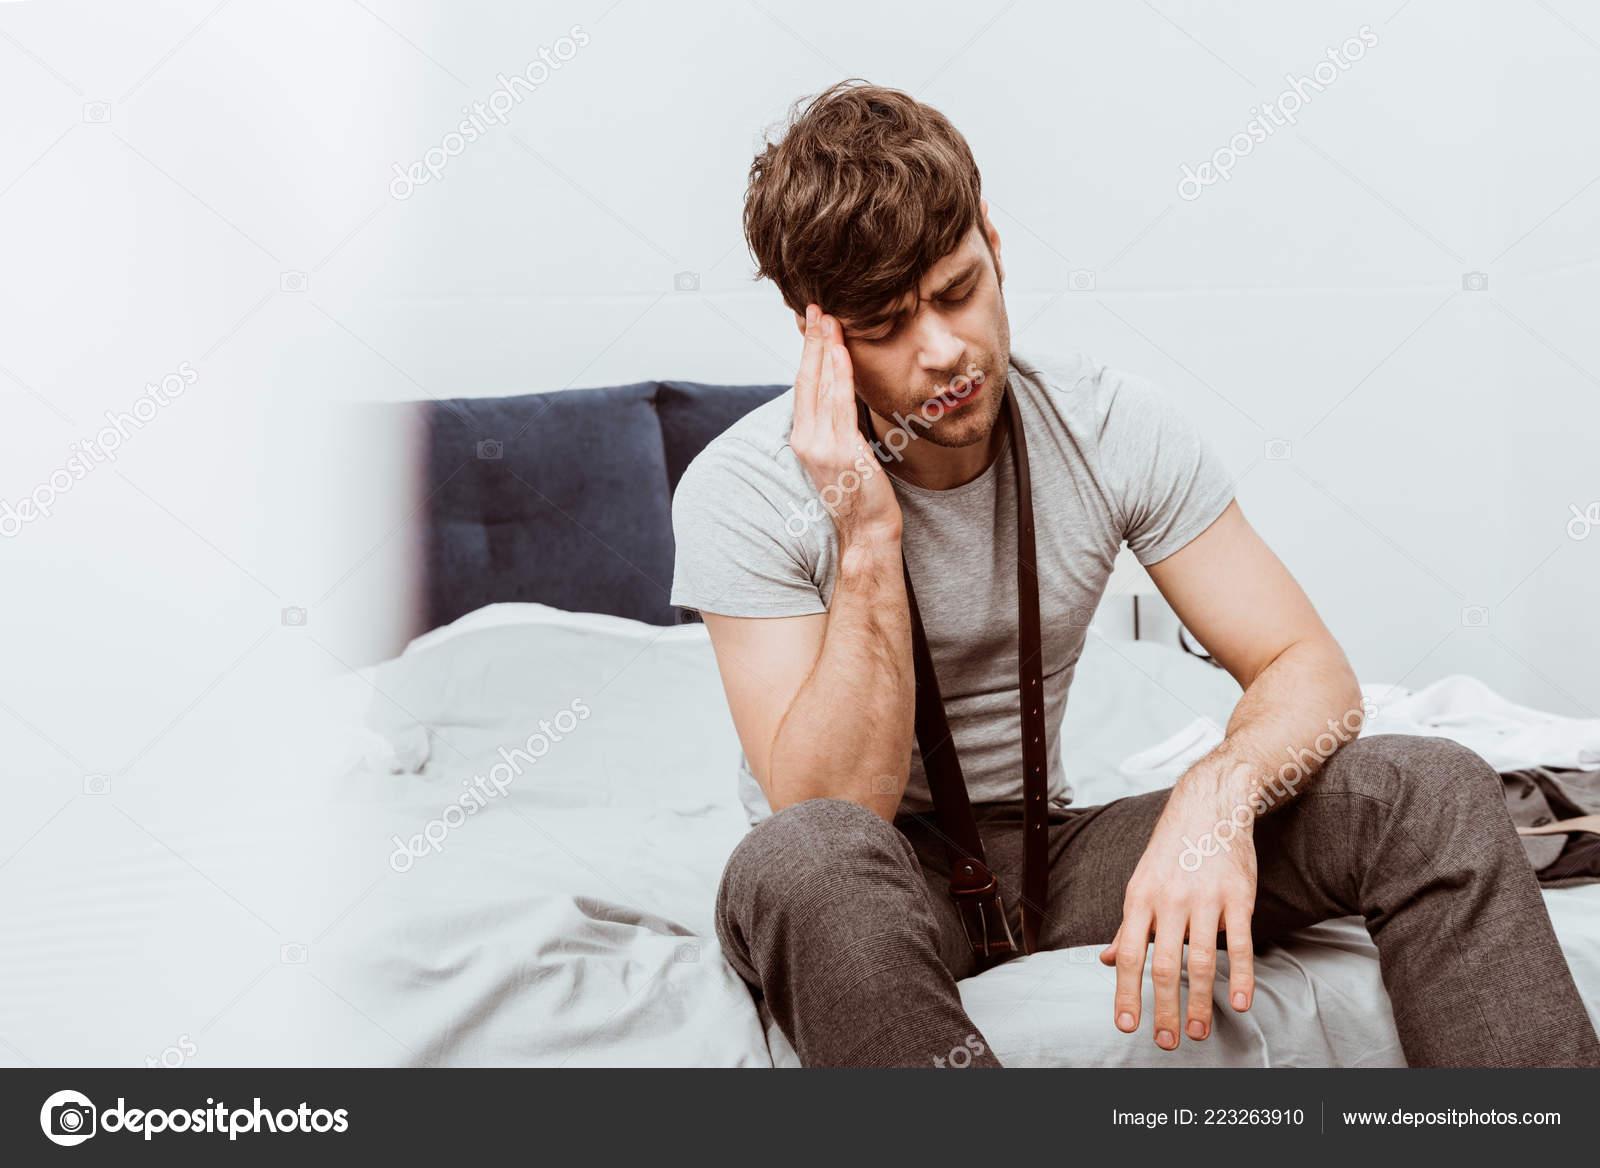 8cad0711b3d Beau Jeune Homme Affaires Avec Ceinture Cou Assis Sur Lit — Photo